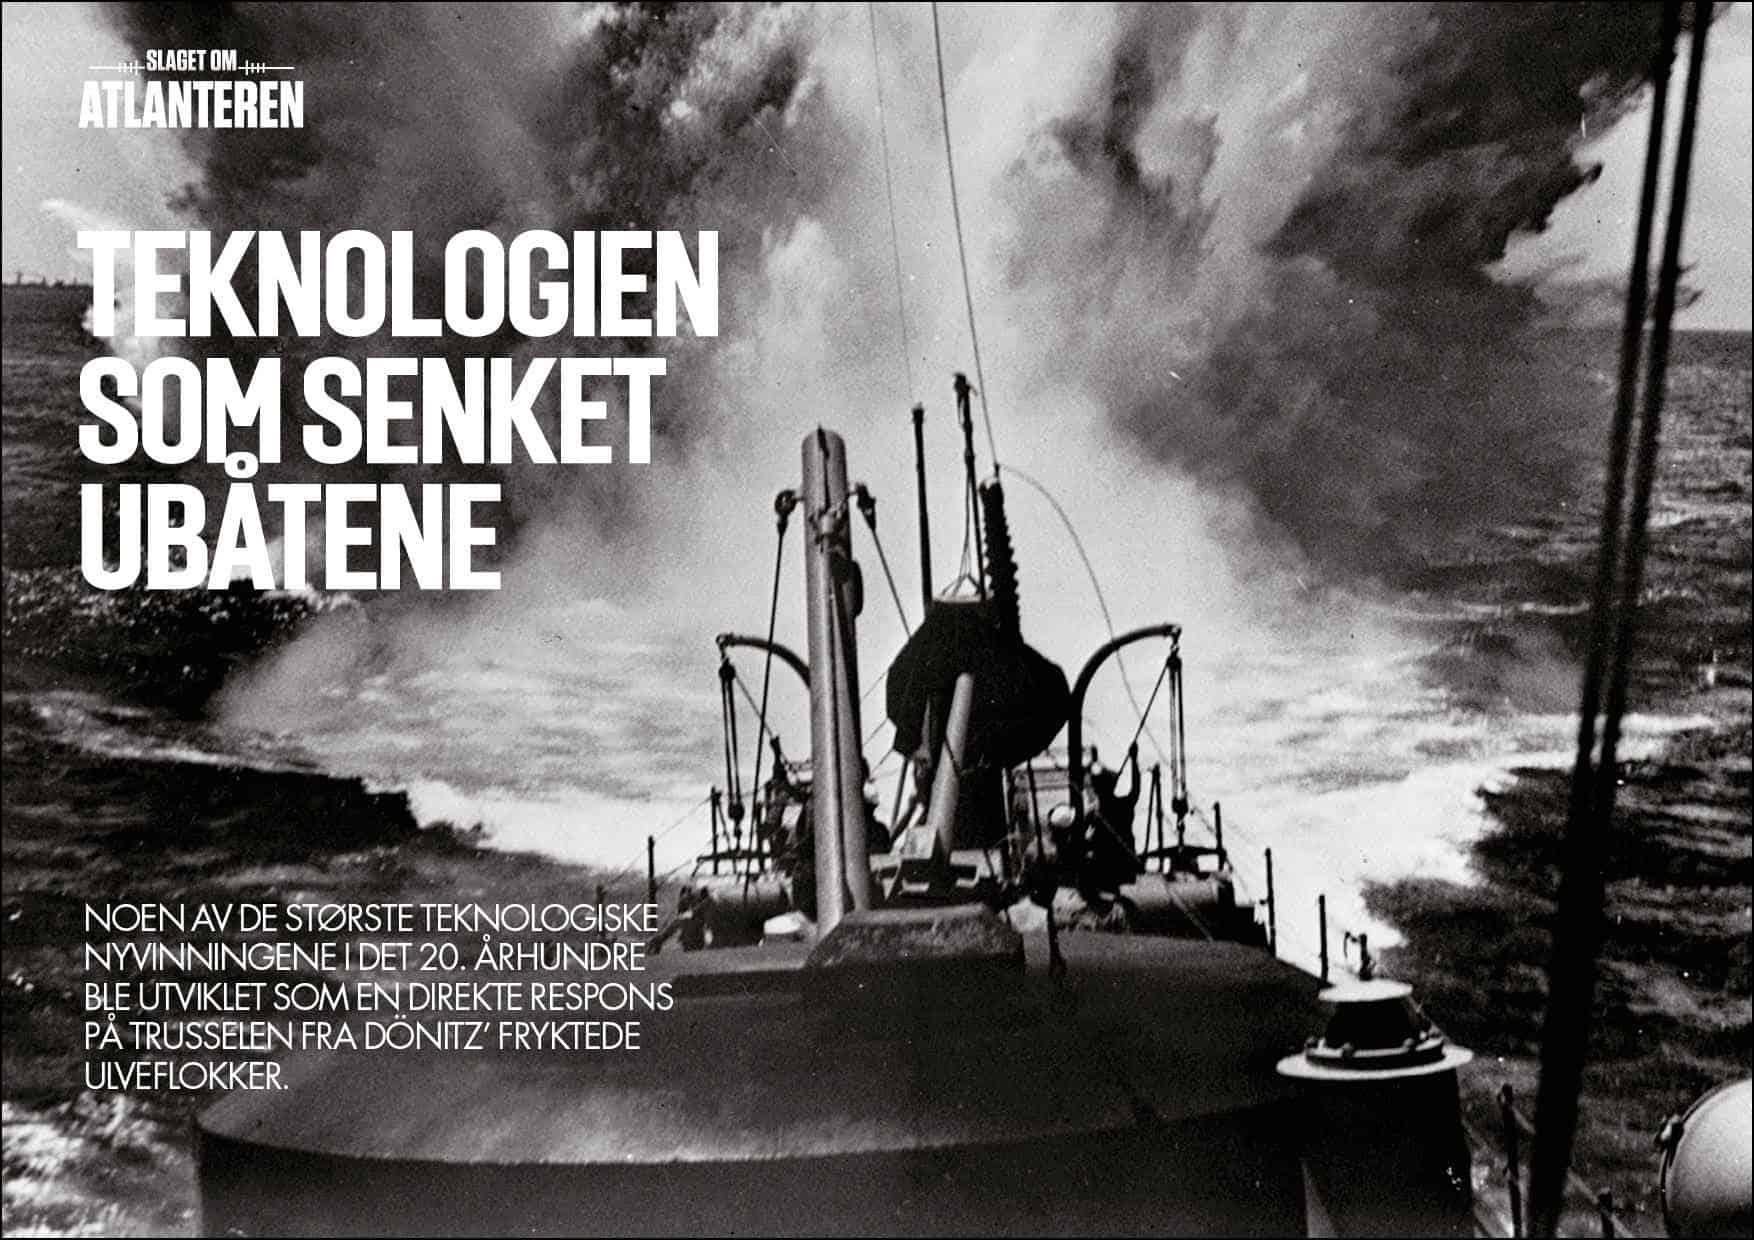 Teknologien som senket ubåtene